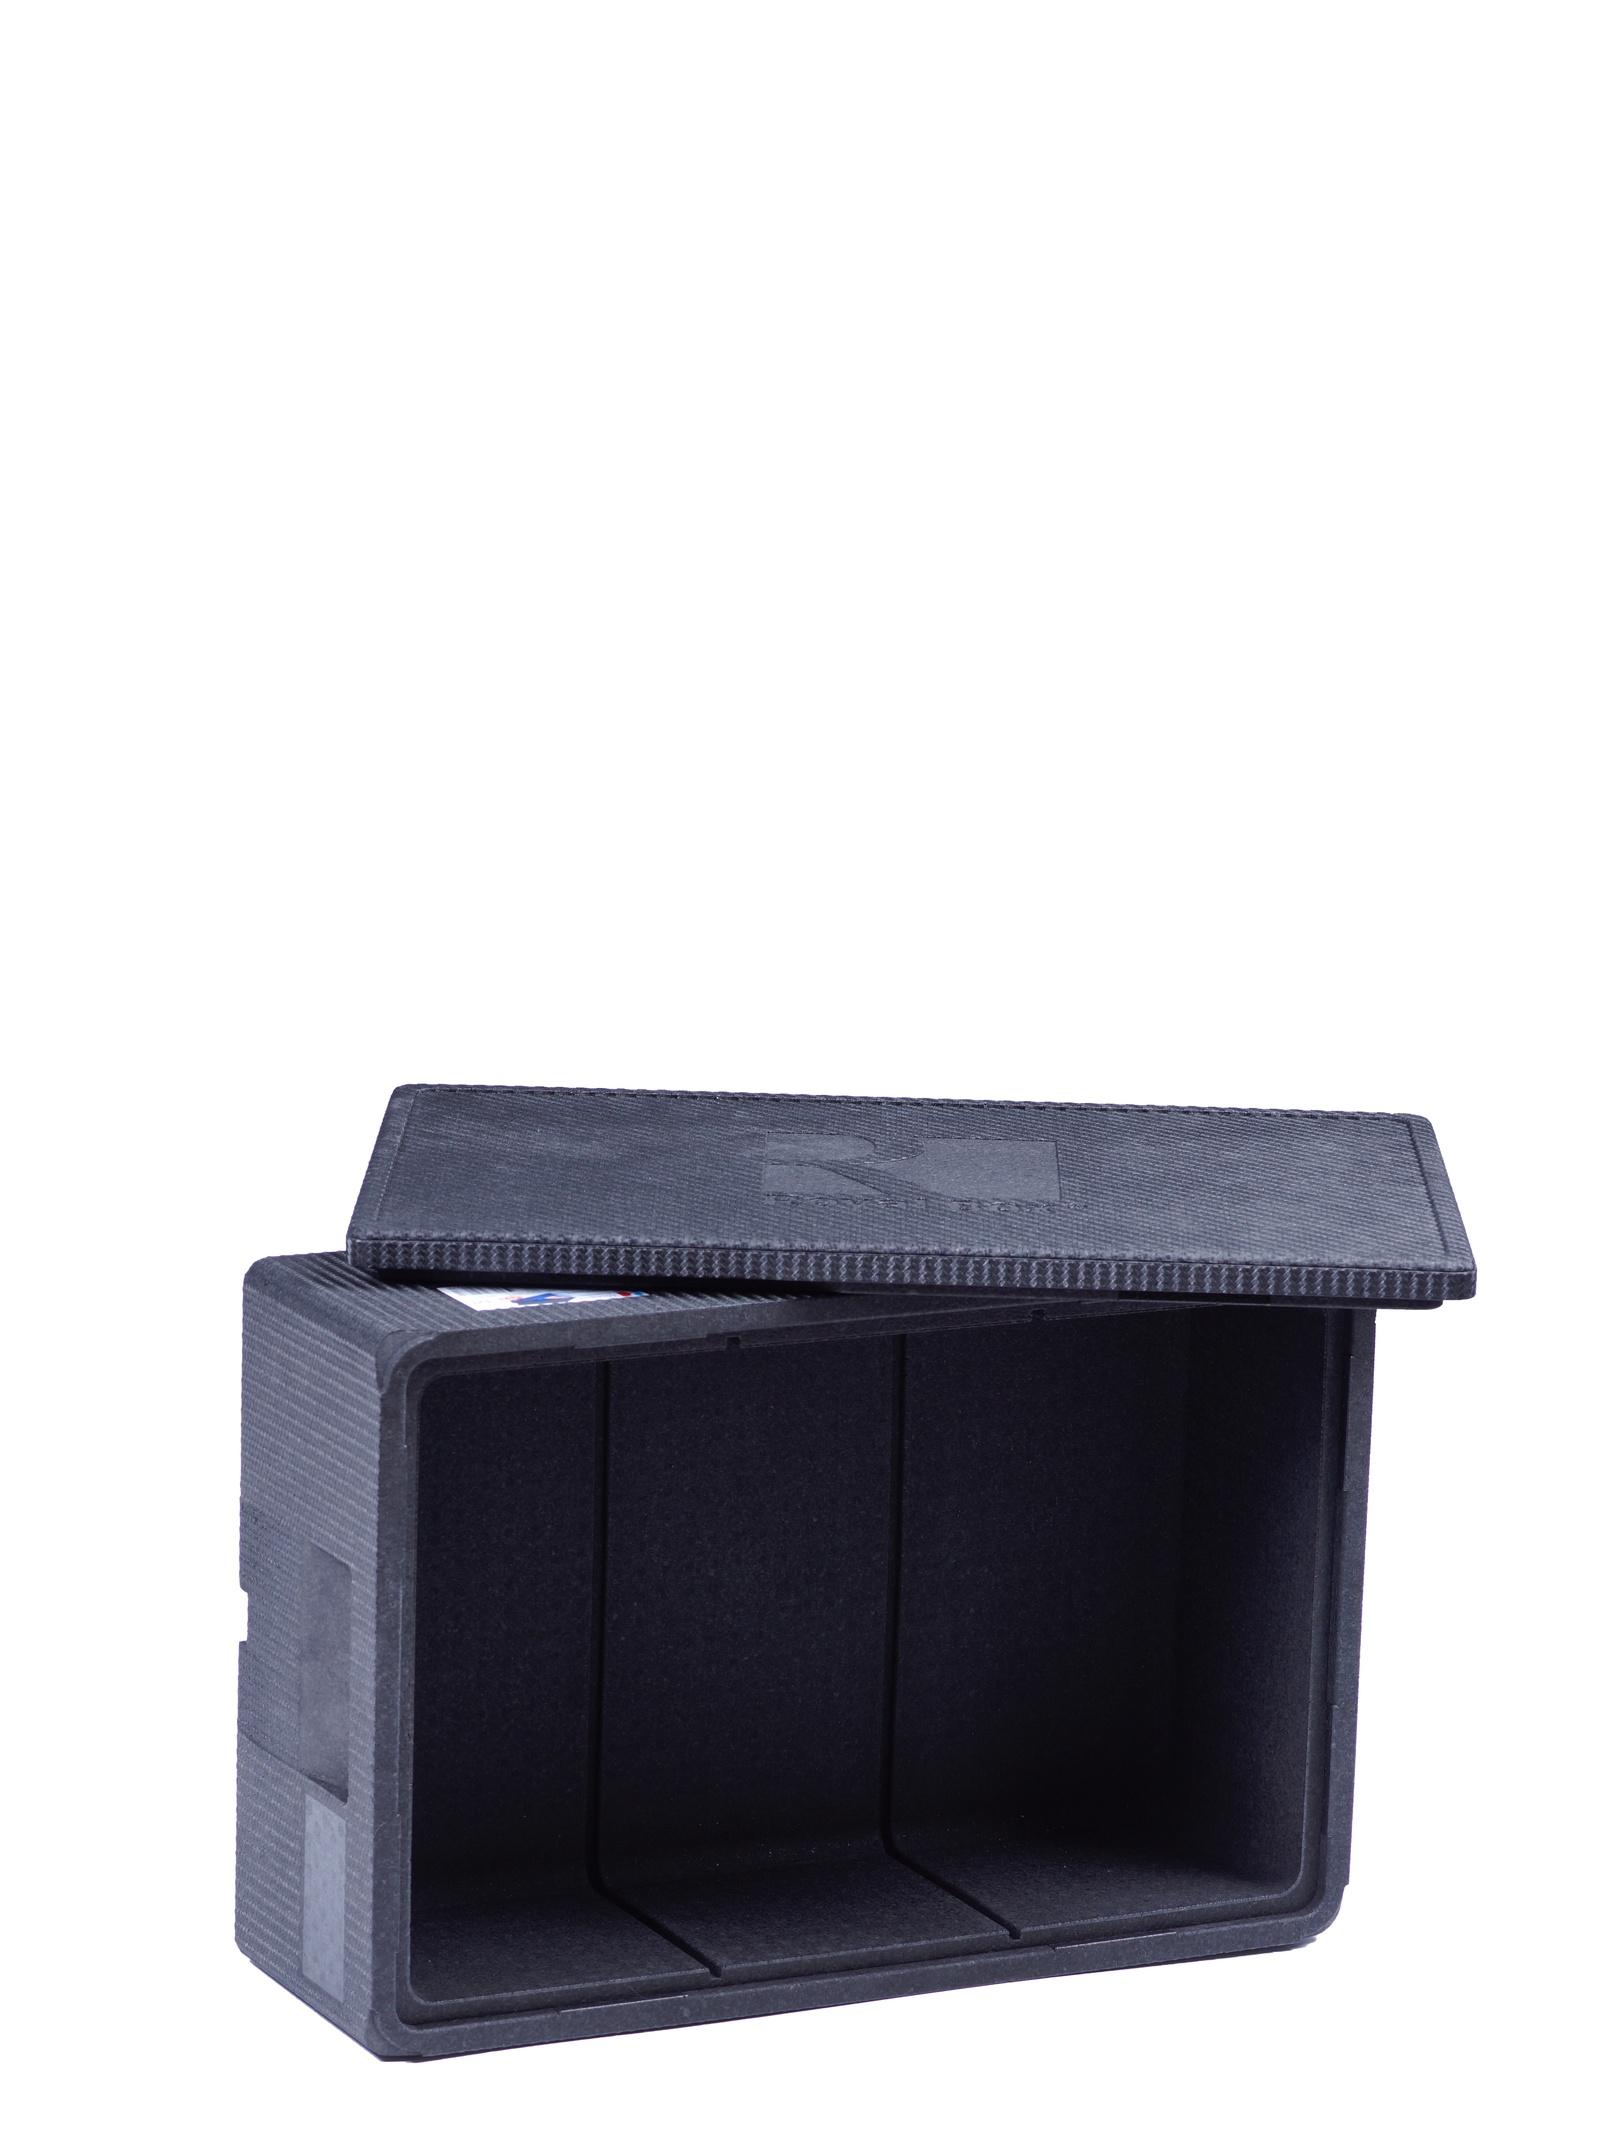 Изотермический контейнер Royal Box Unique черный, 23л